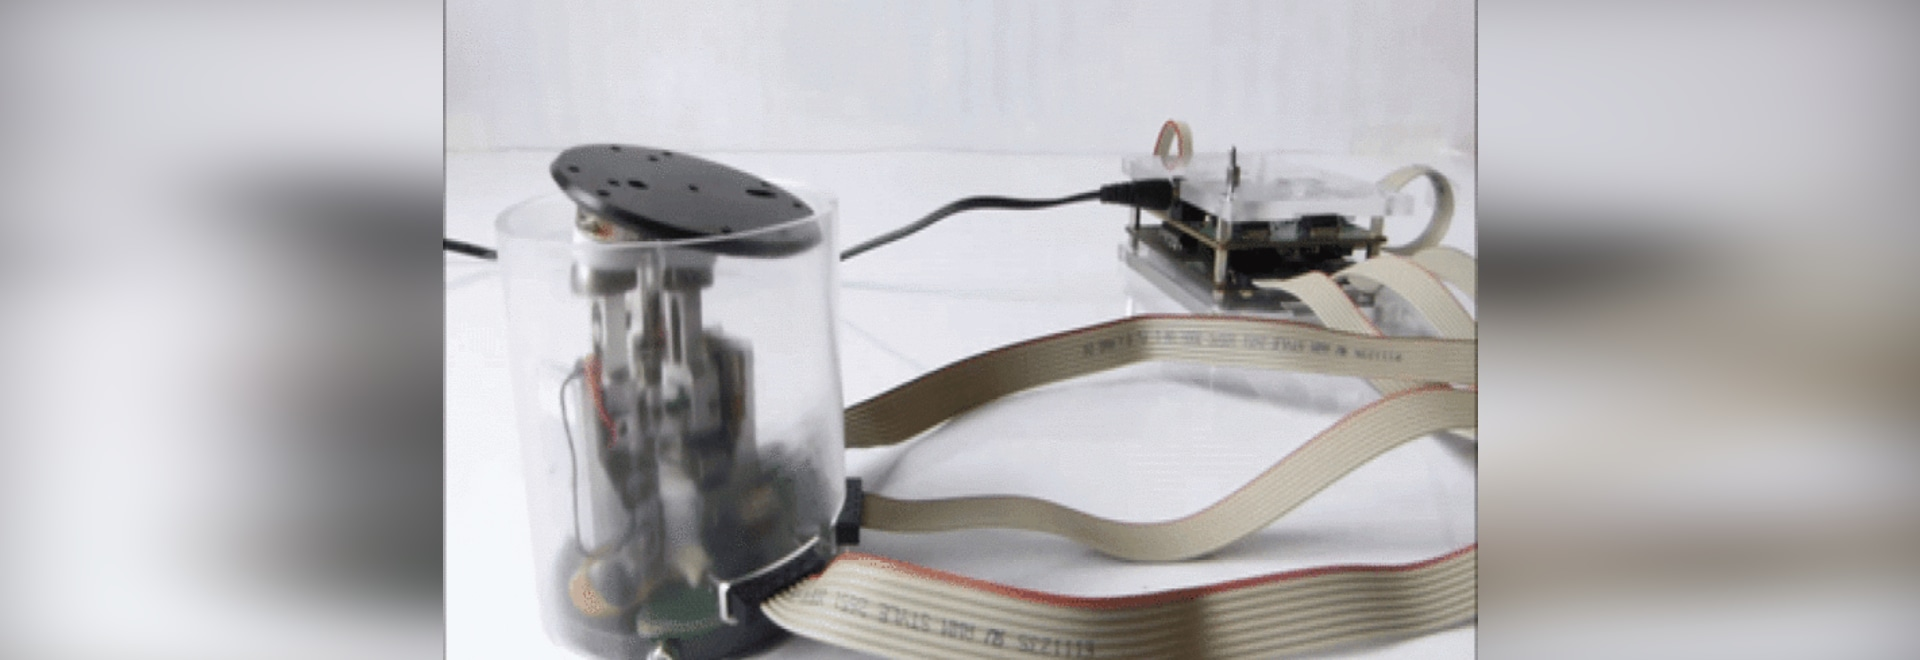 TrAC: Un azionatore piezo-elettrico per spazio cosmico ed i micro robot